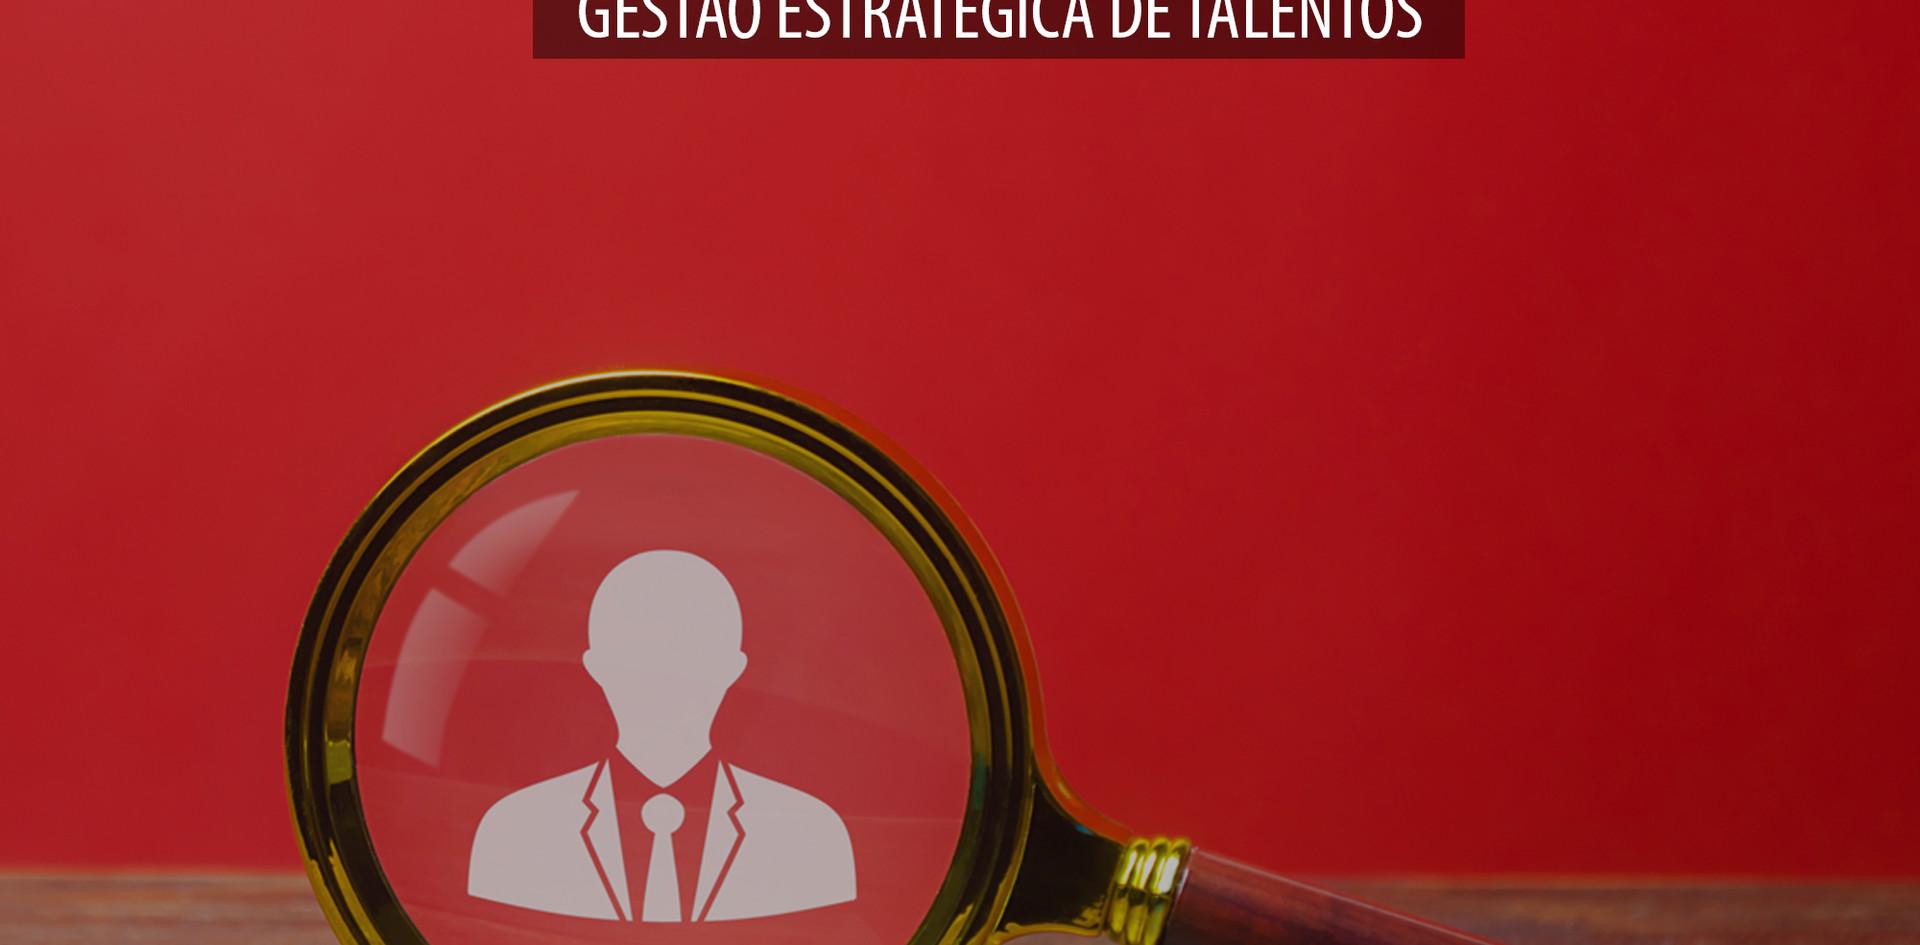 GESTÃO_ESTRATEGICA_DE_TALENTOS.jpg